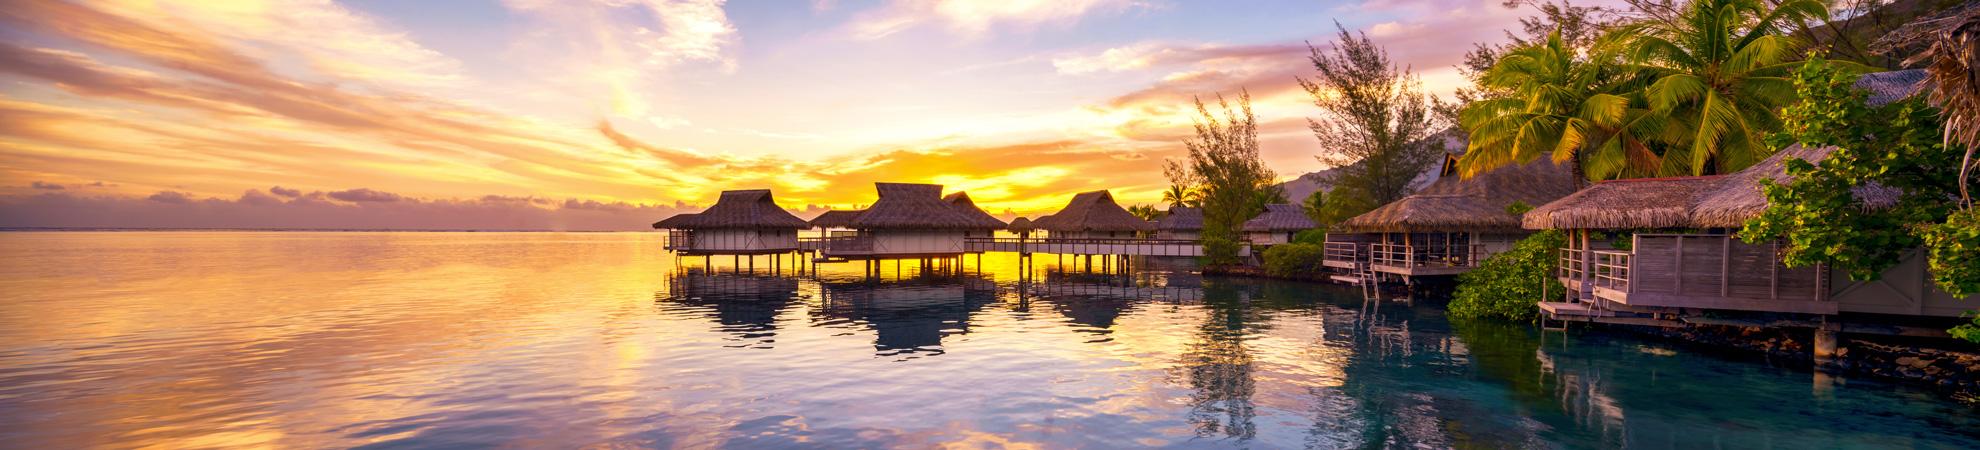 Comment se loger pendant votre séjour à Bali